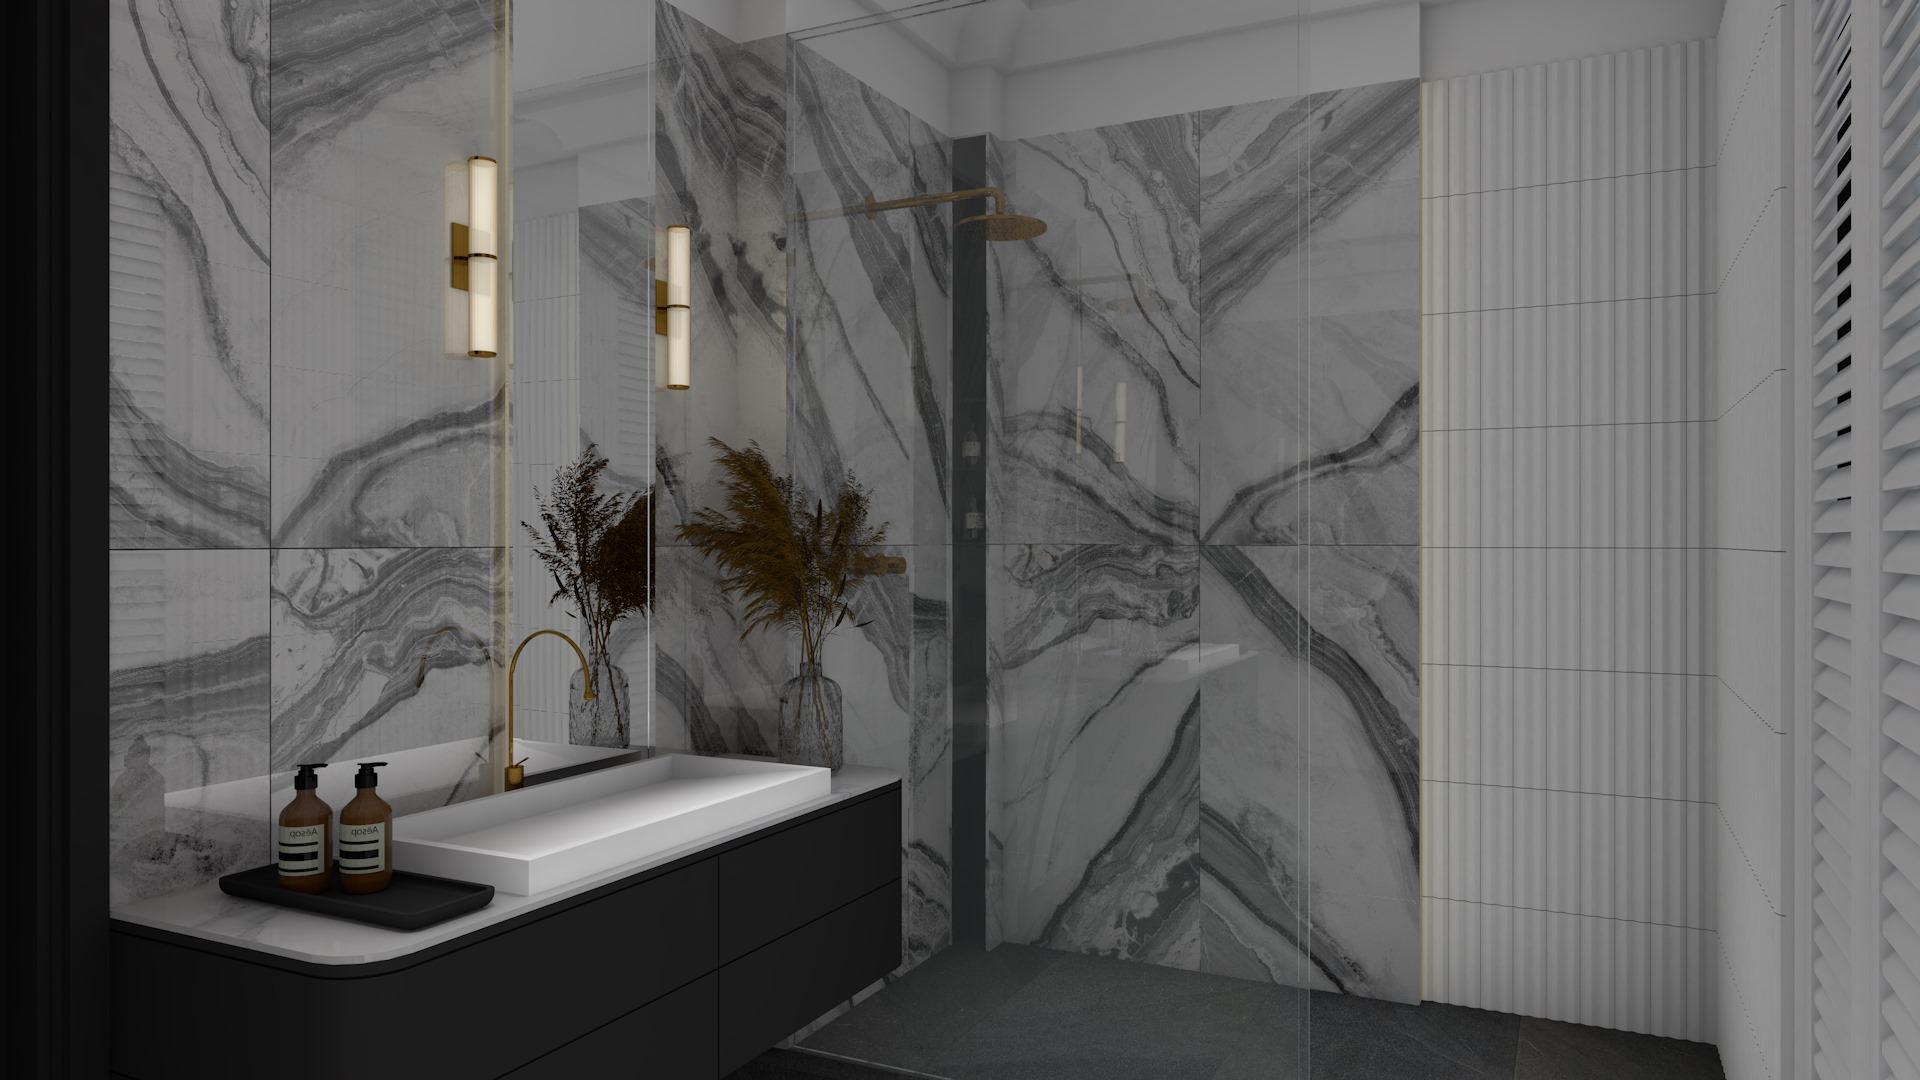 Łazienka utrzymana w ciemnej kolorystyce z białą ścianą, czarną szafką wiszącą, białą umywalką, lustrem, kinkietami i płytkami ściennymi Panda White